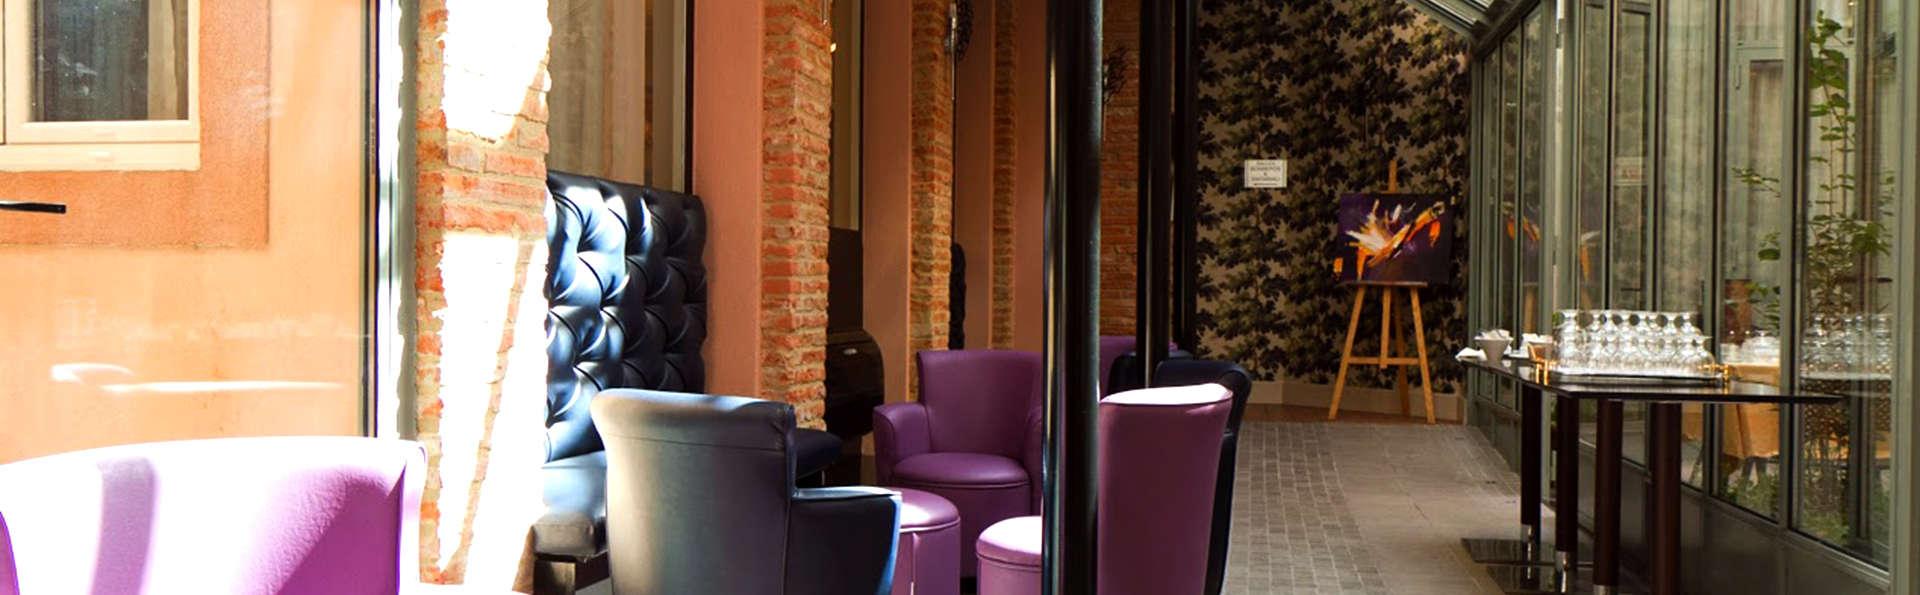 Week-end de charme en chambre supérieure en plein coeur de Toulouse